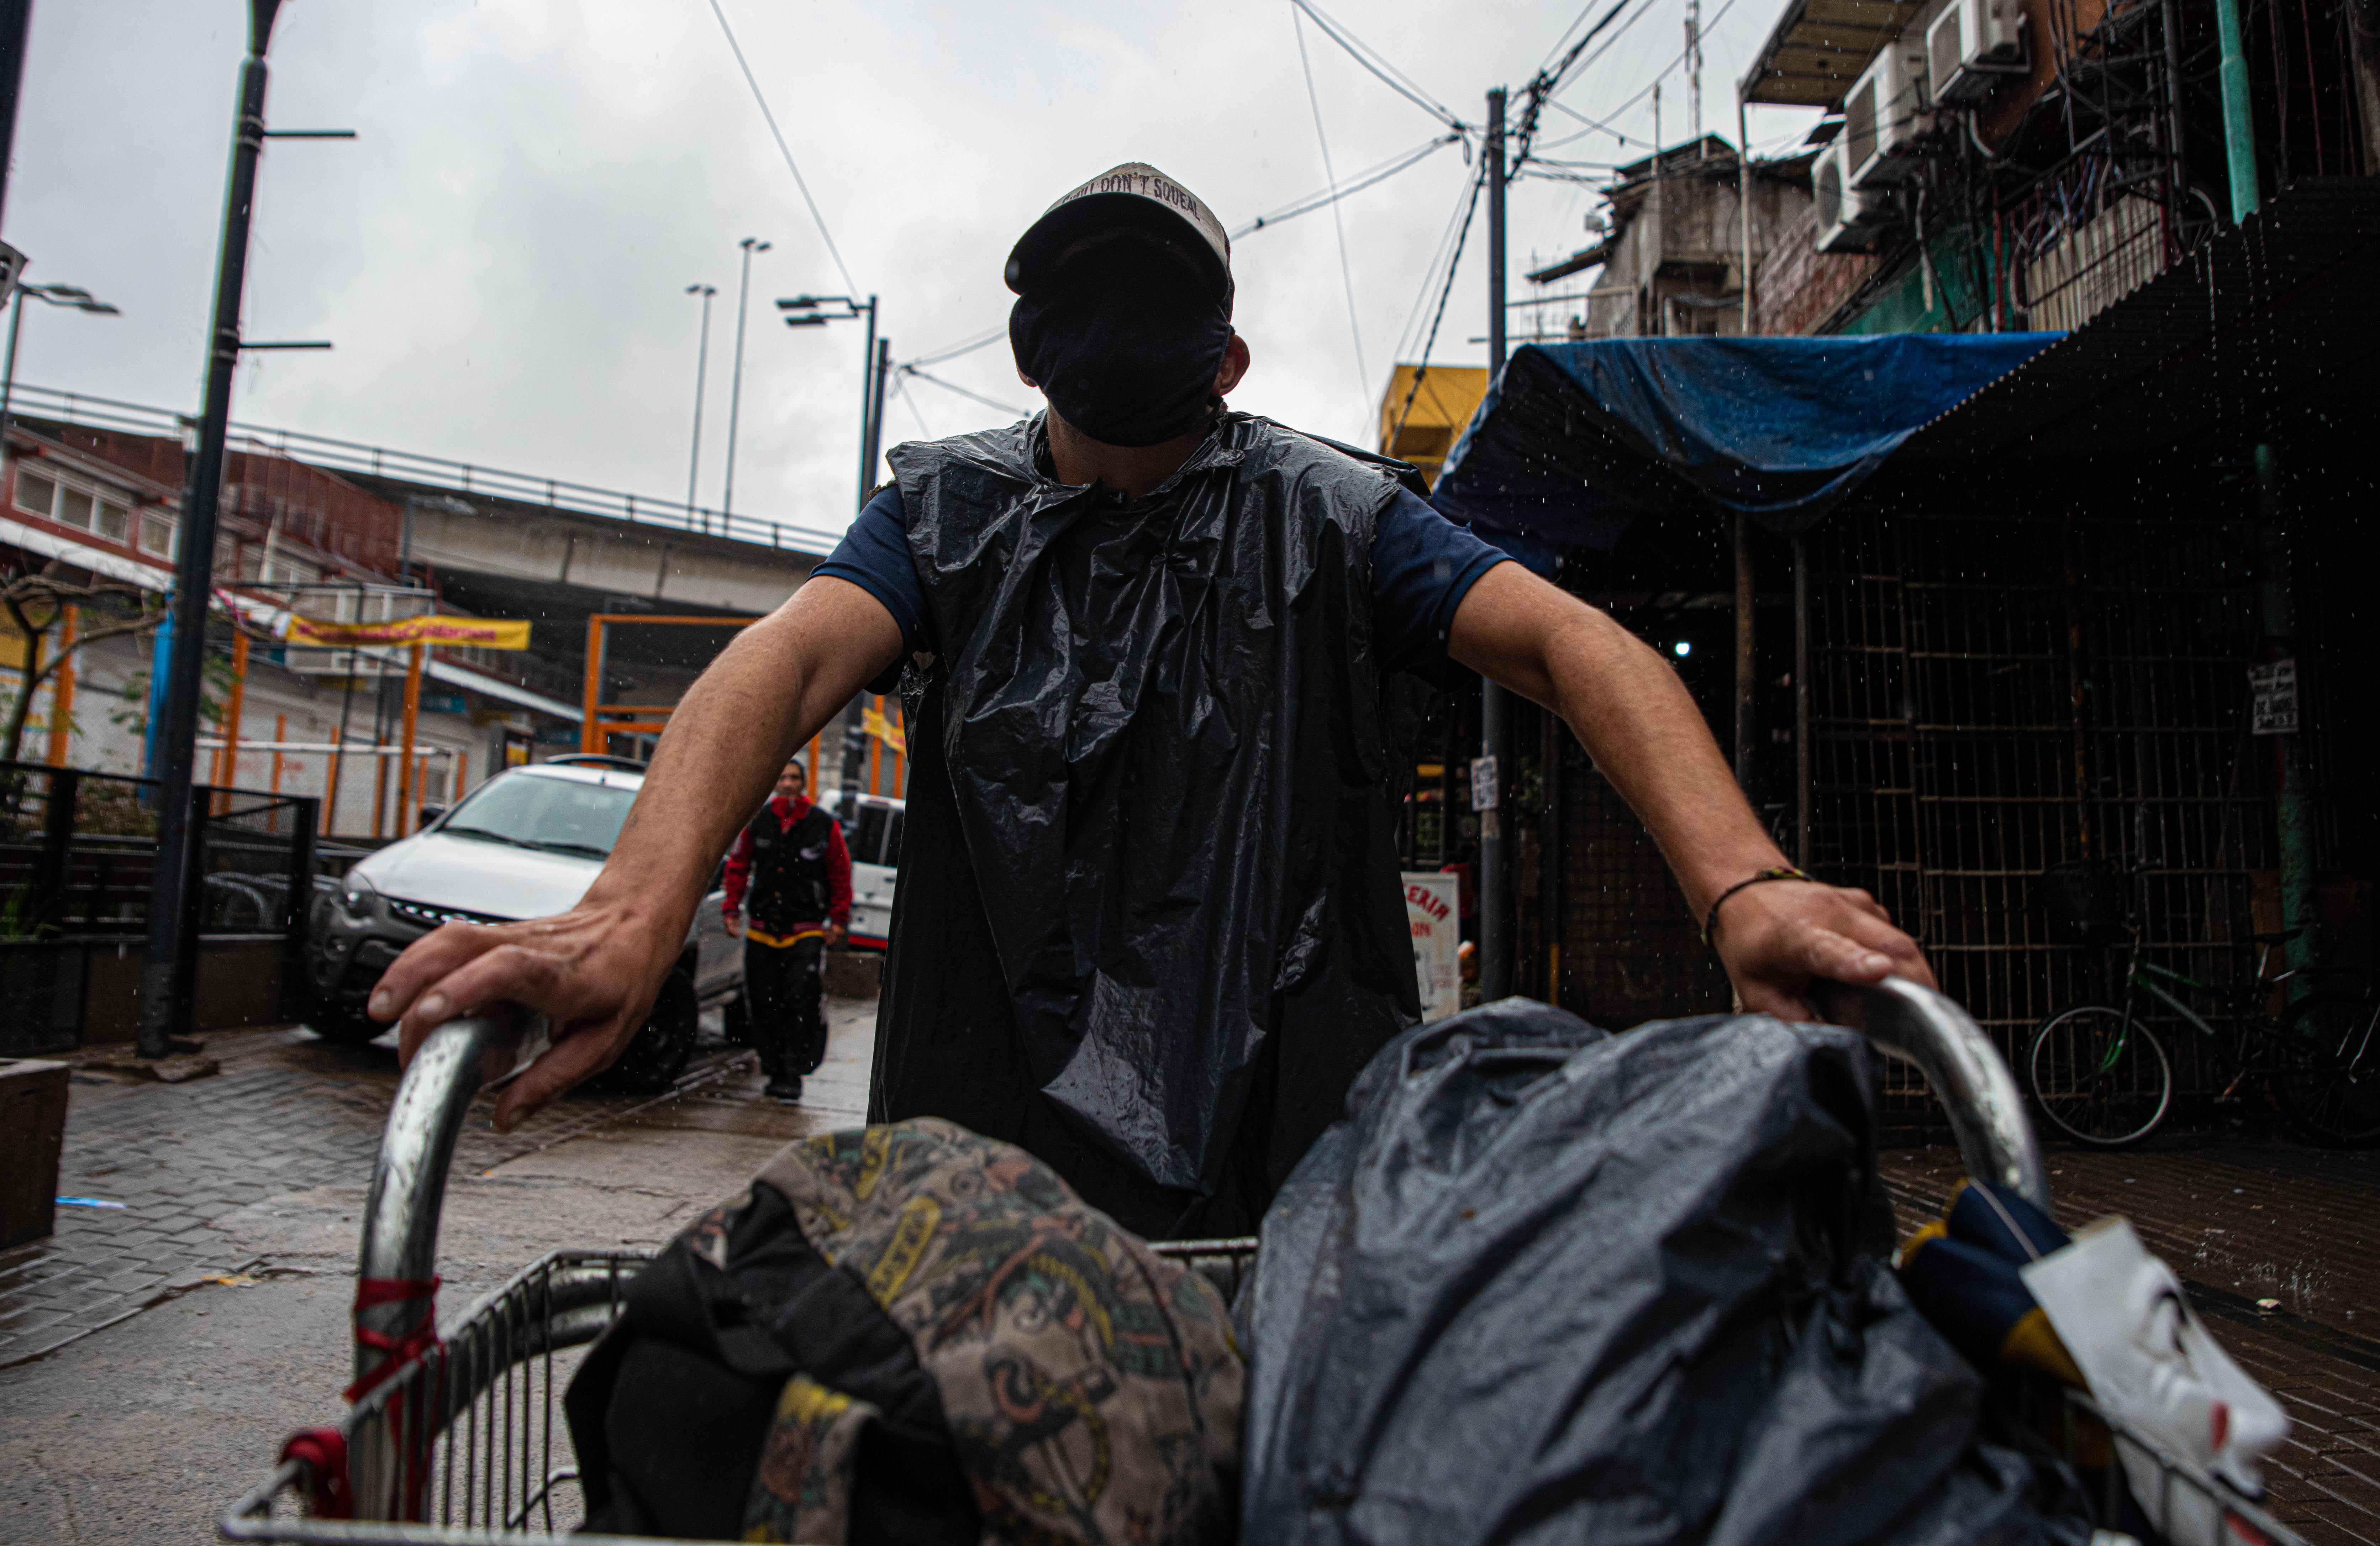 Además de los paradores del gobierno de la Ciudad, existen otros refugios para personas en situación de calle, administrados por organizaciones no gubernamentales